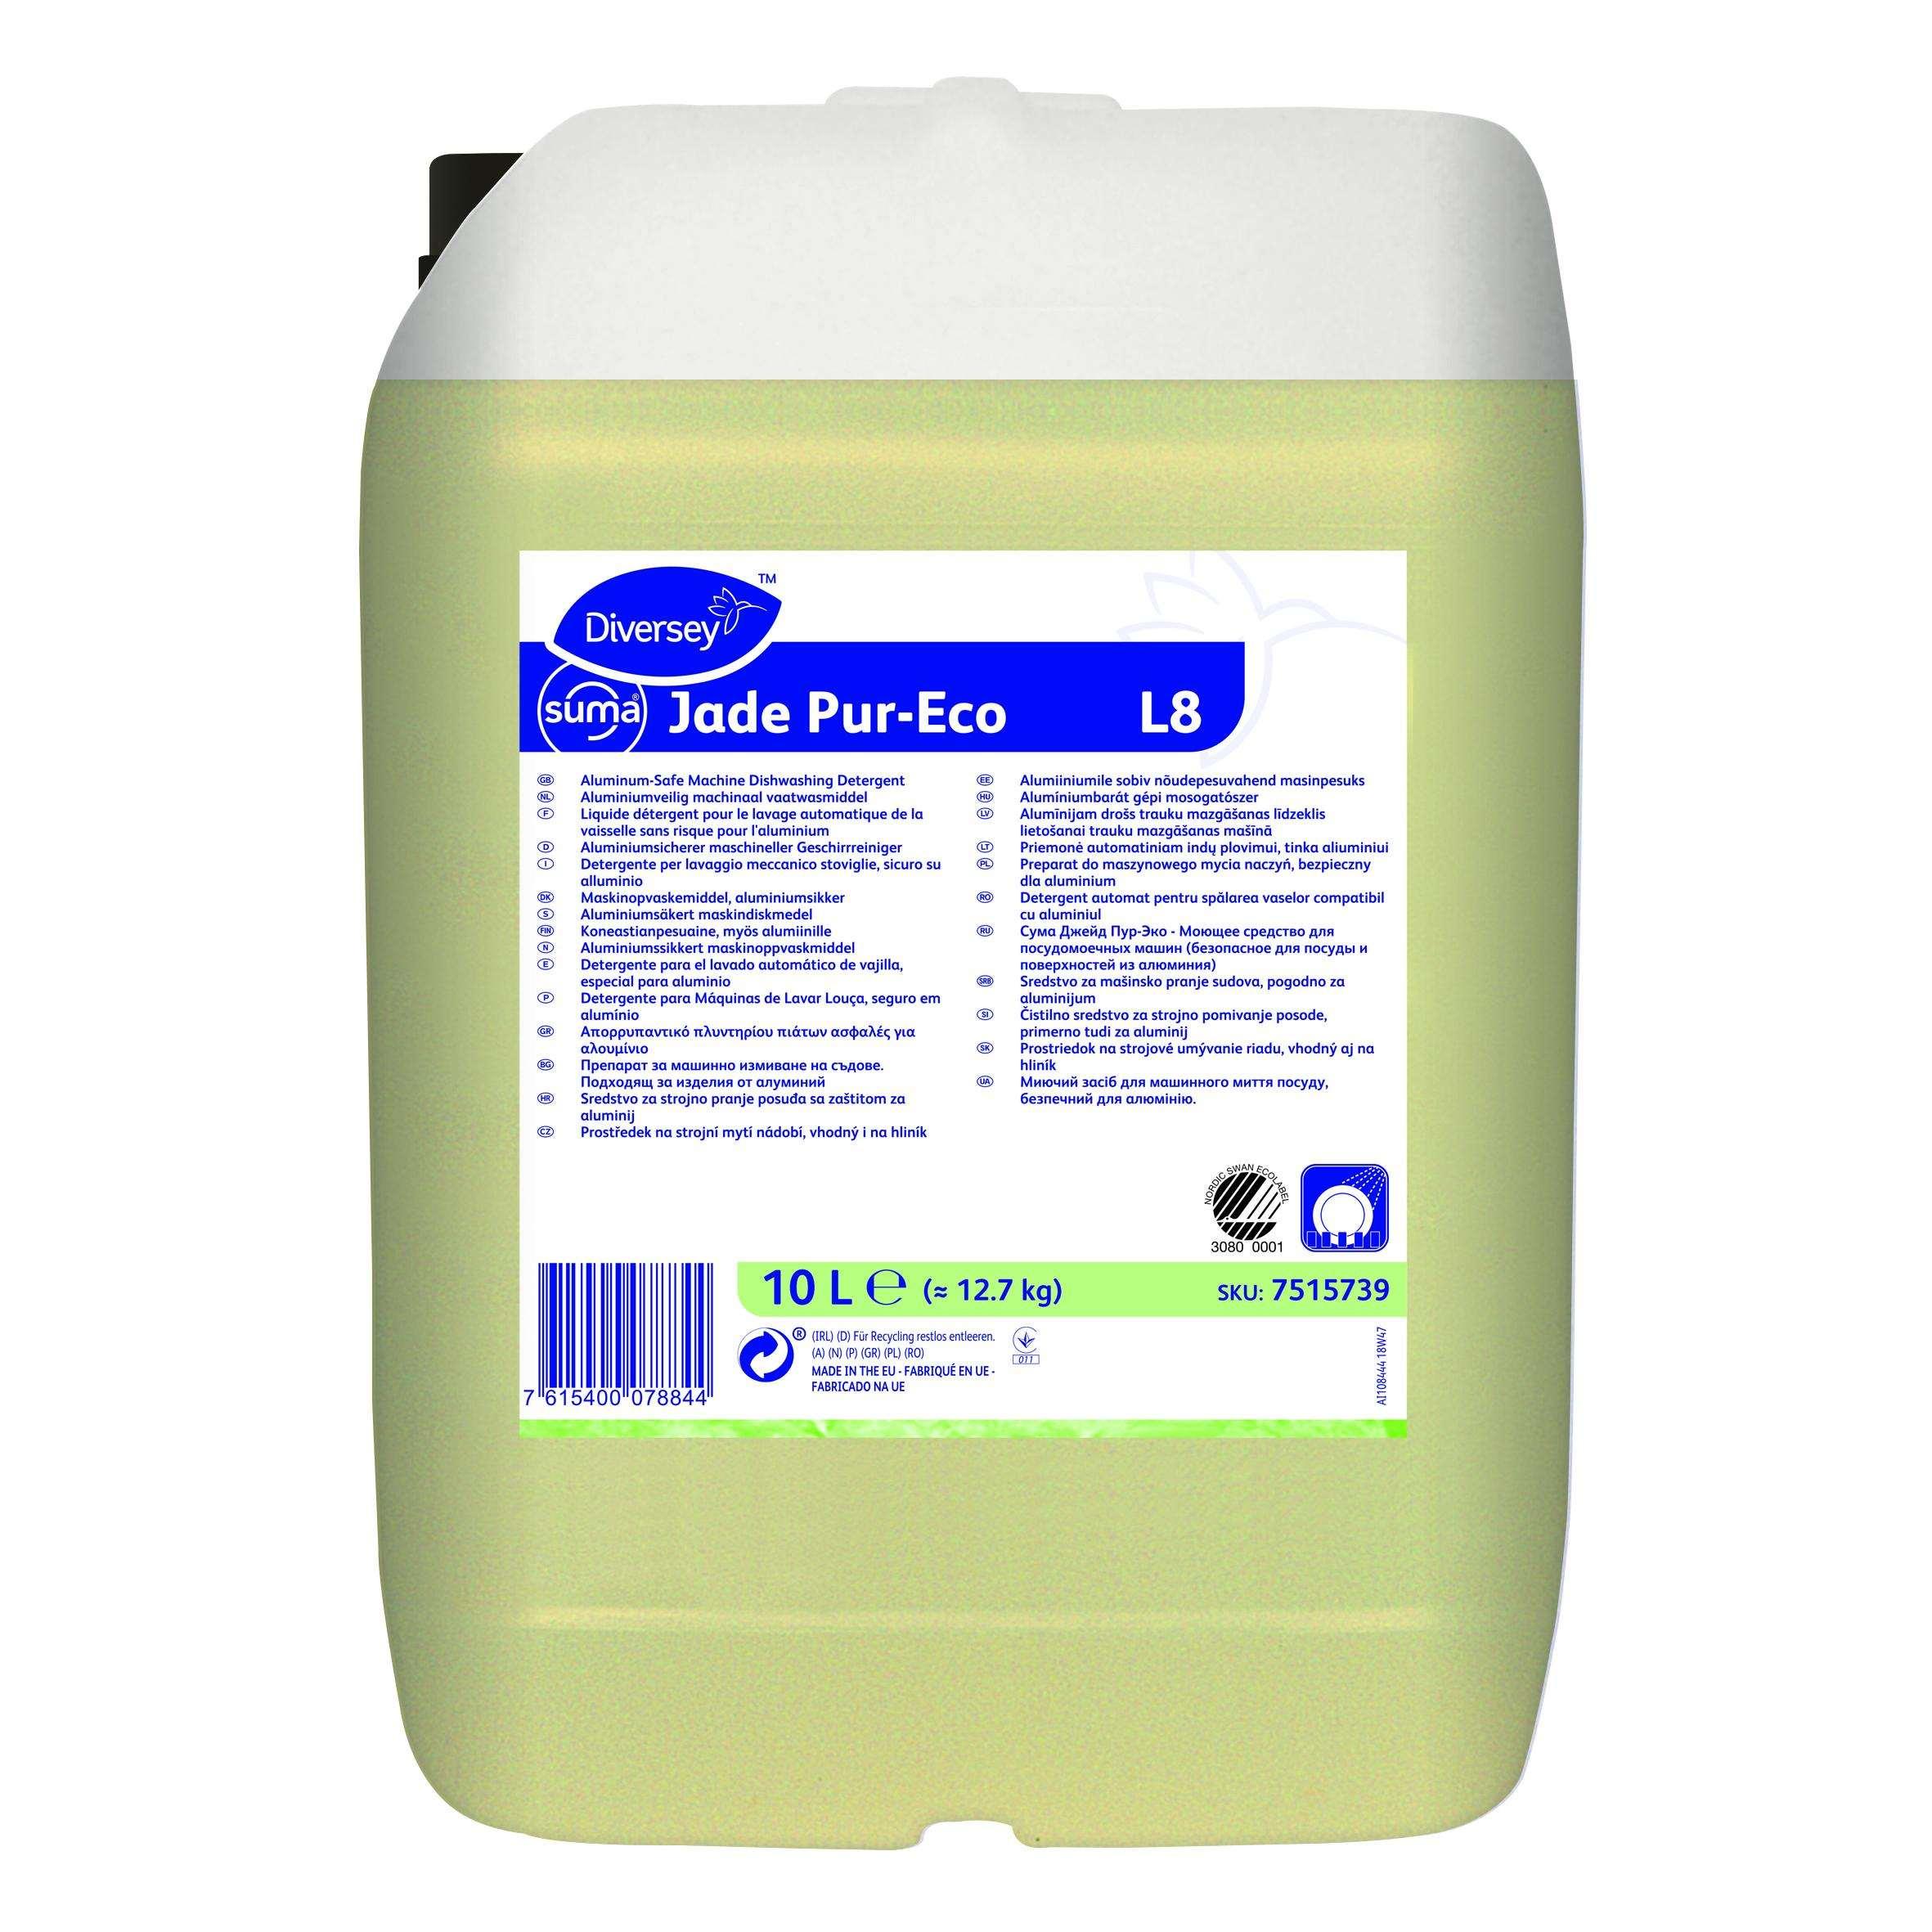 7515739-Suma-Jade-Pur-Eco-L8-10L-CMYK-20x20cm.jpg